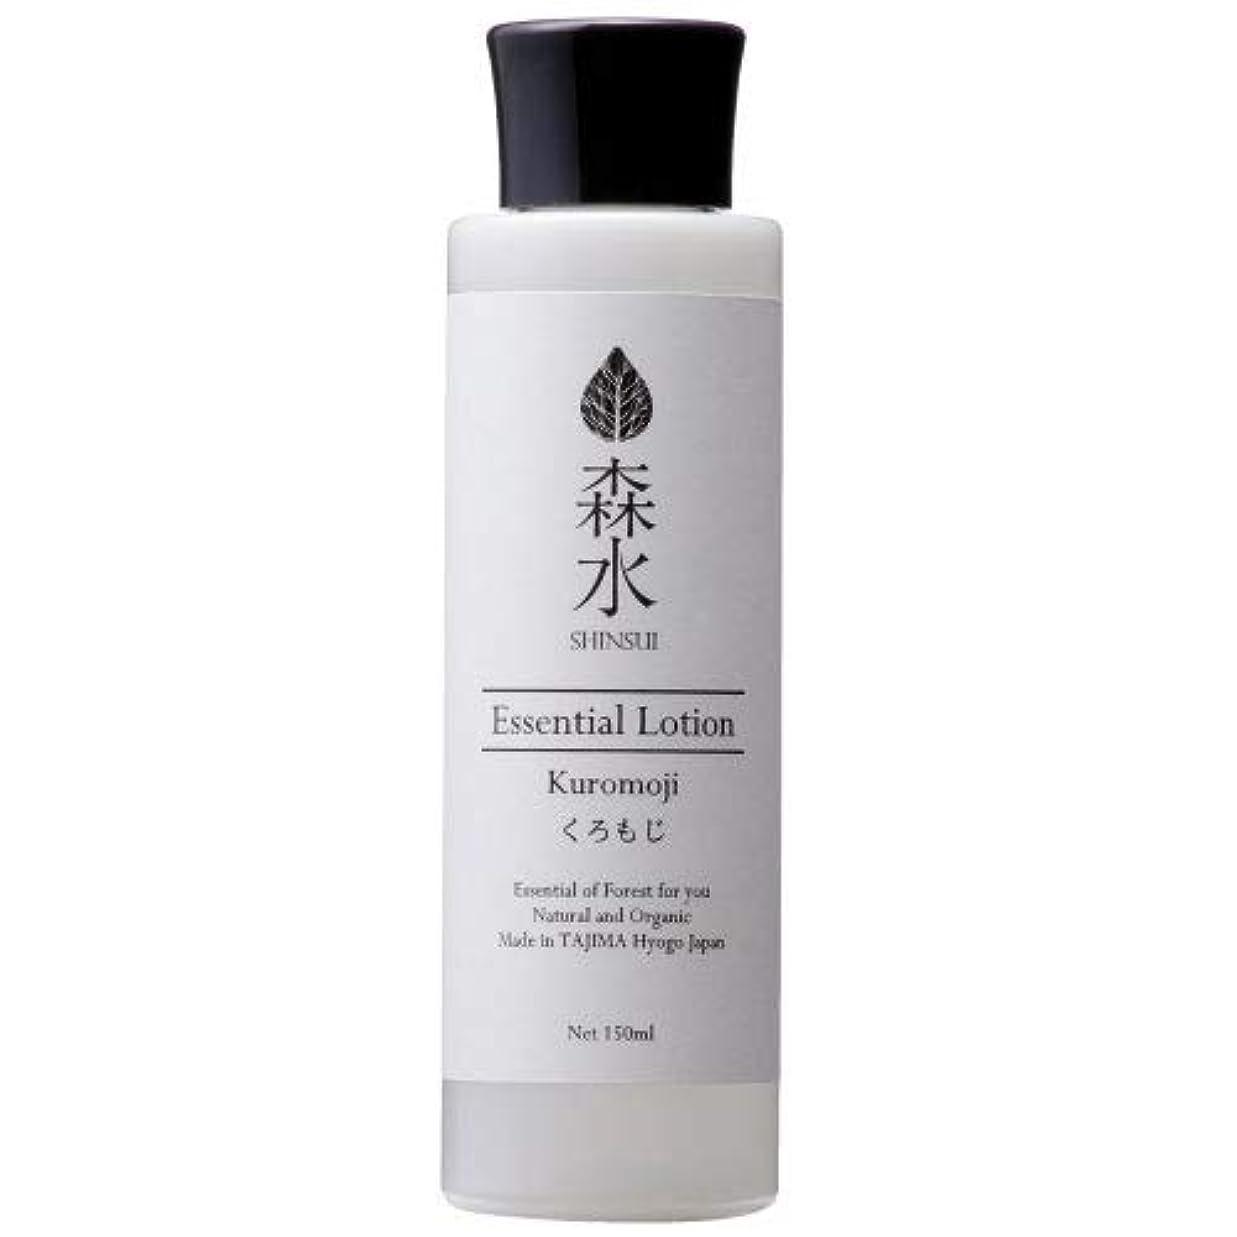 親密な風変わりな建築森水-SHINSUI シンスイ-くろもじ化粧水(Kuromoji Essential Lotion)150ml